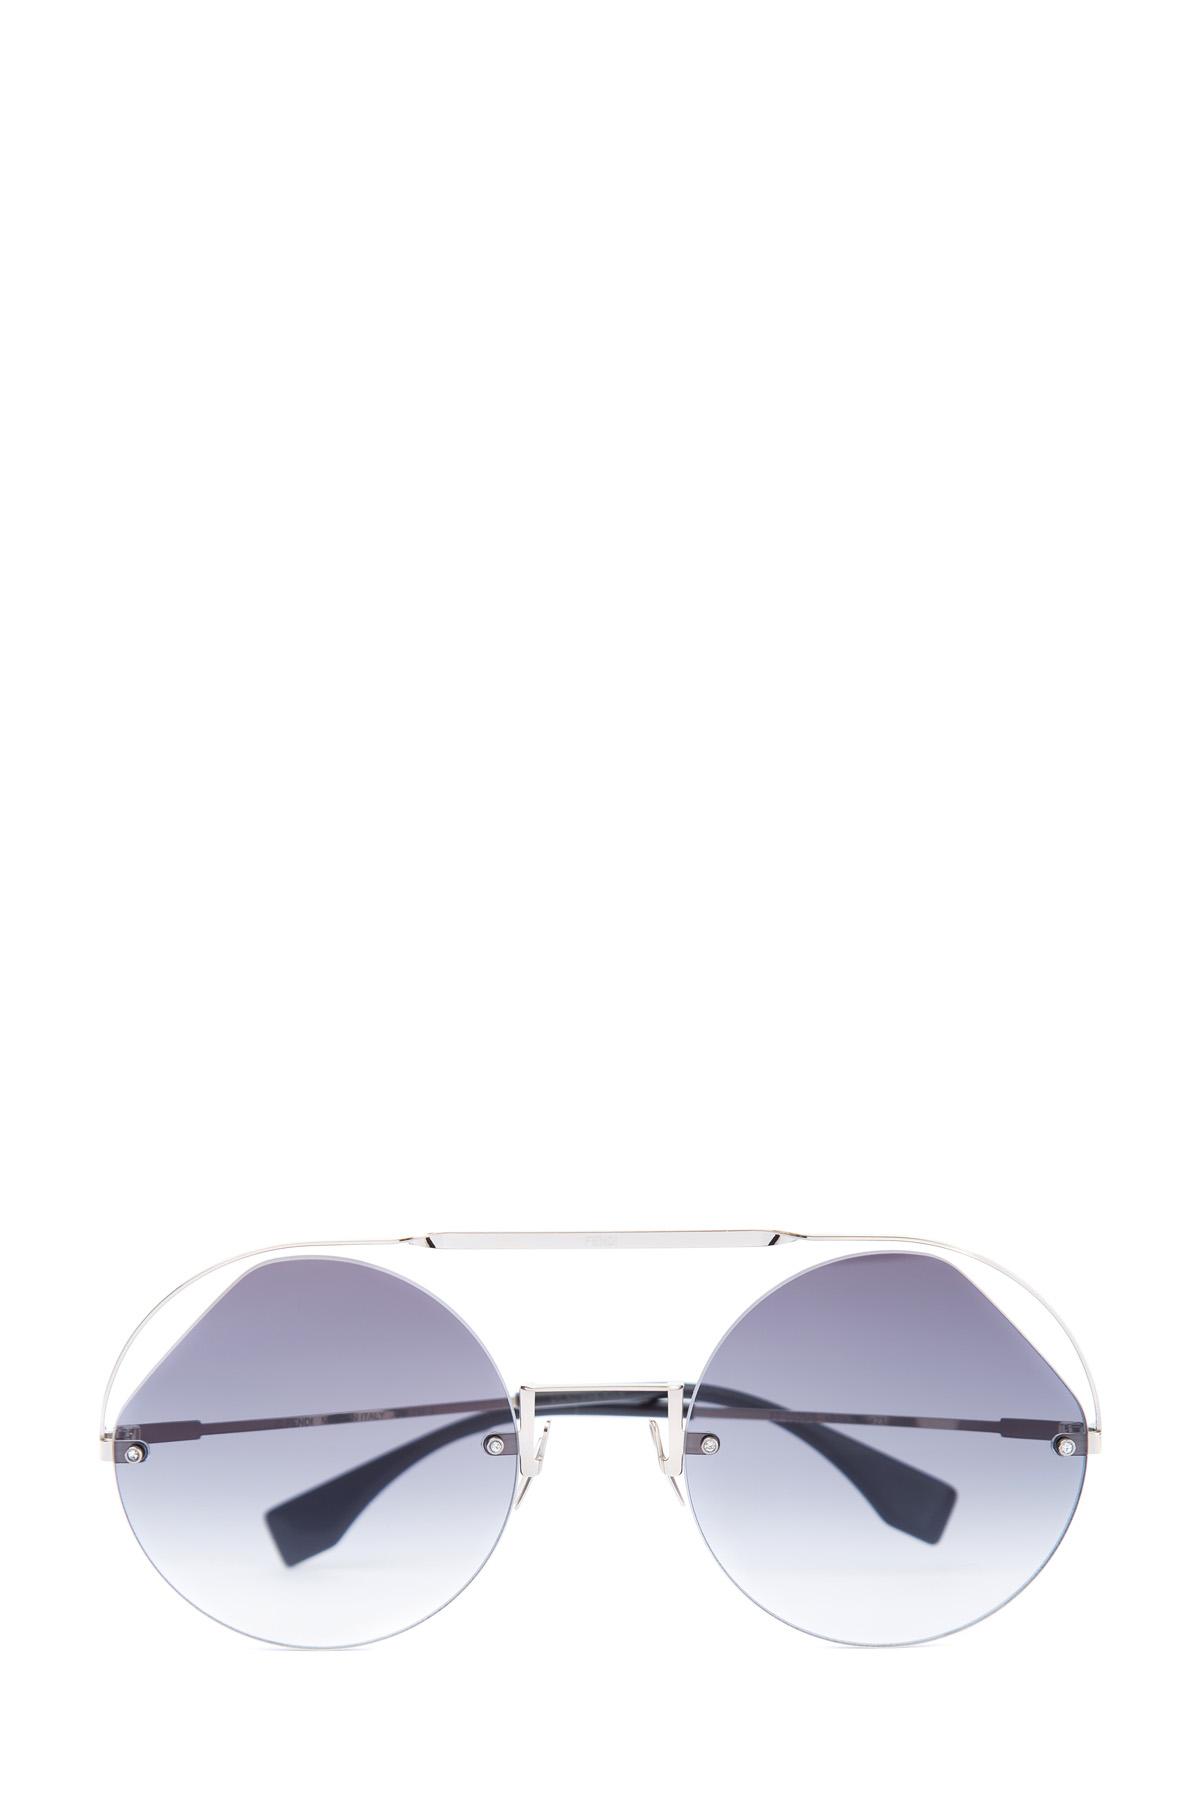 Купить Очки Ribbons & Crystals со скошенными стеклами в тонкой оправе, FENDI (sunglasses), Италия, пластик 100%, стекло 100%